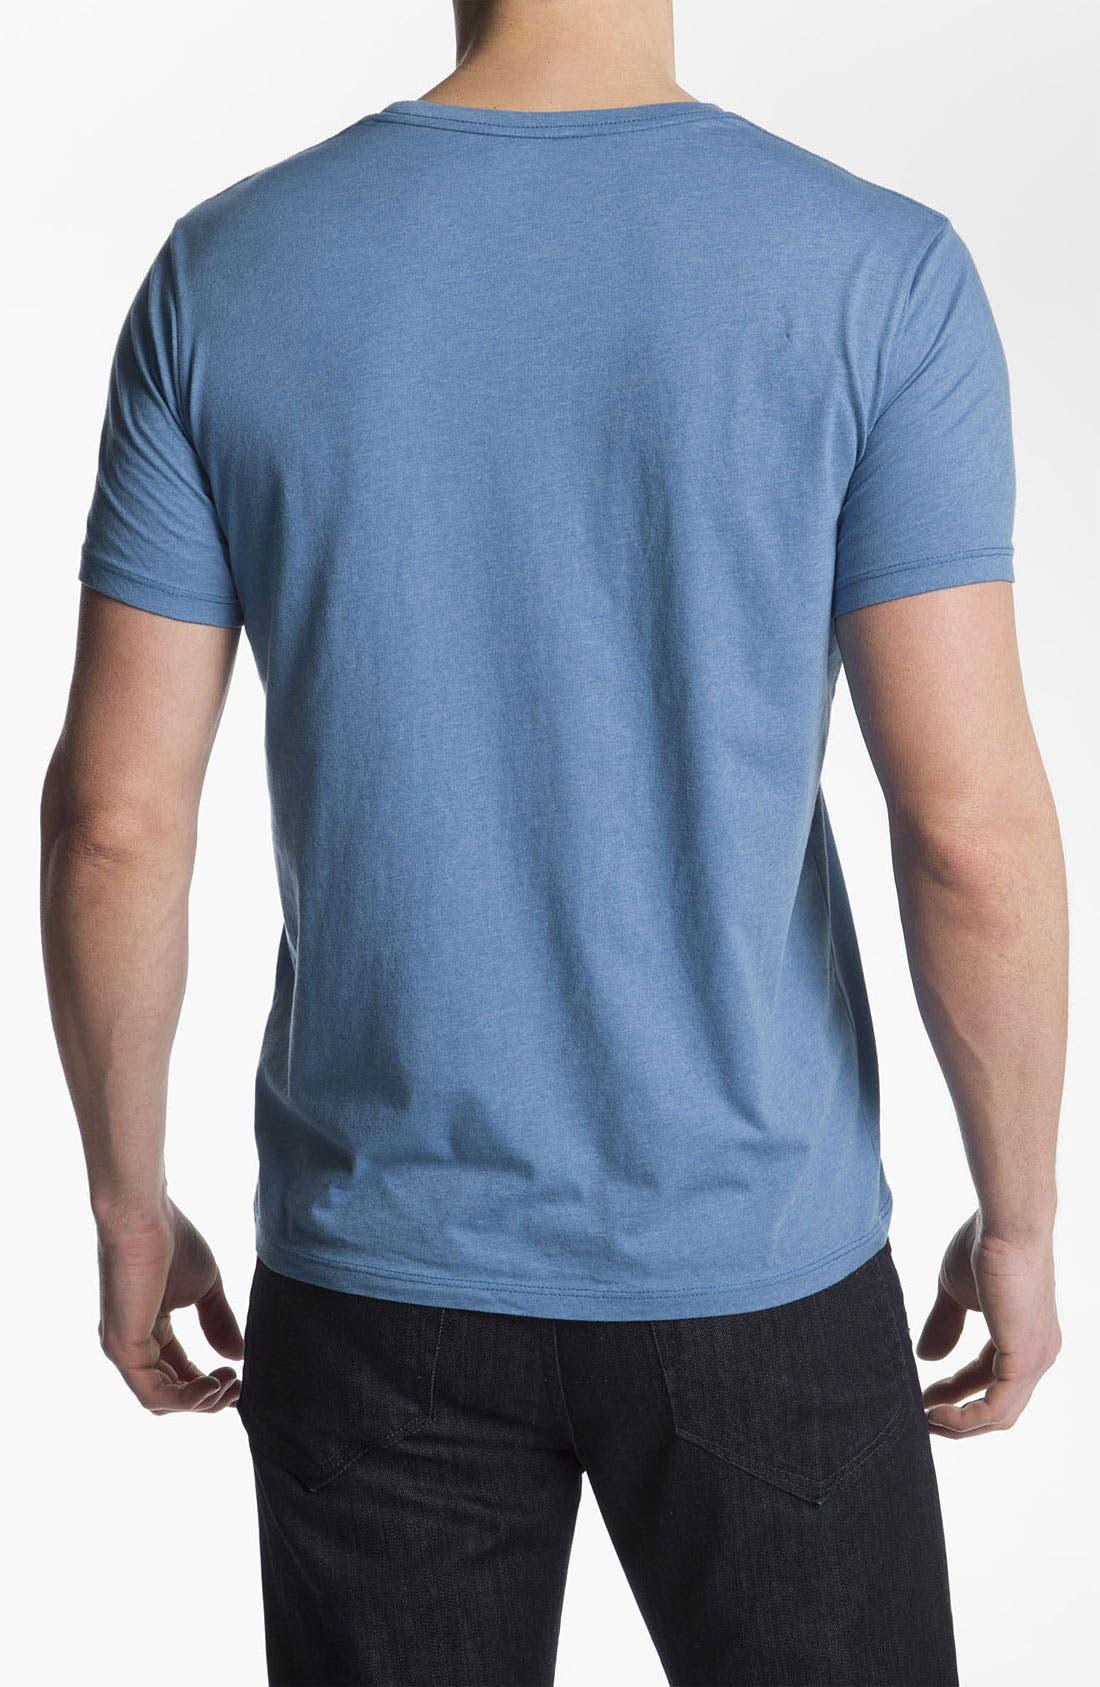 Alternate Image 2  - Junk Food 'Once You Go Bat' T-Shirt